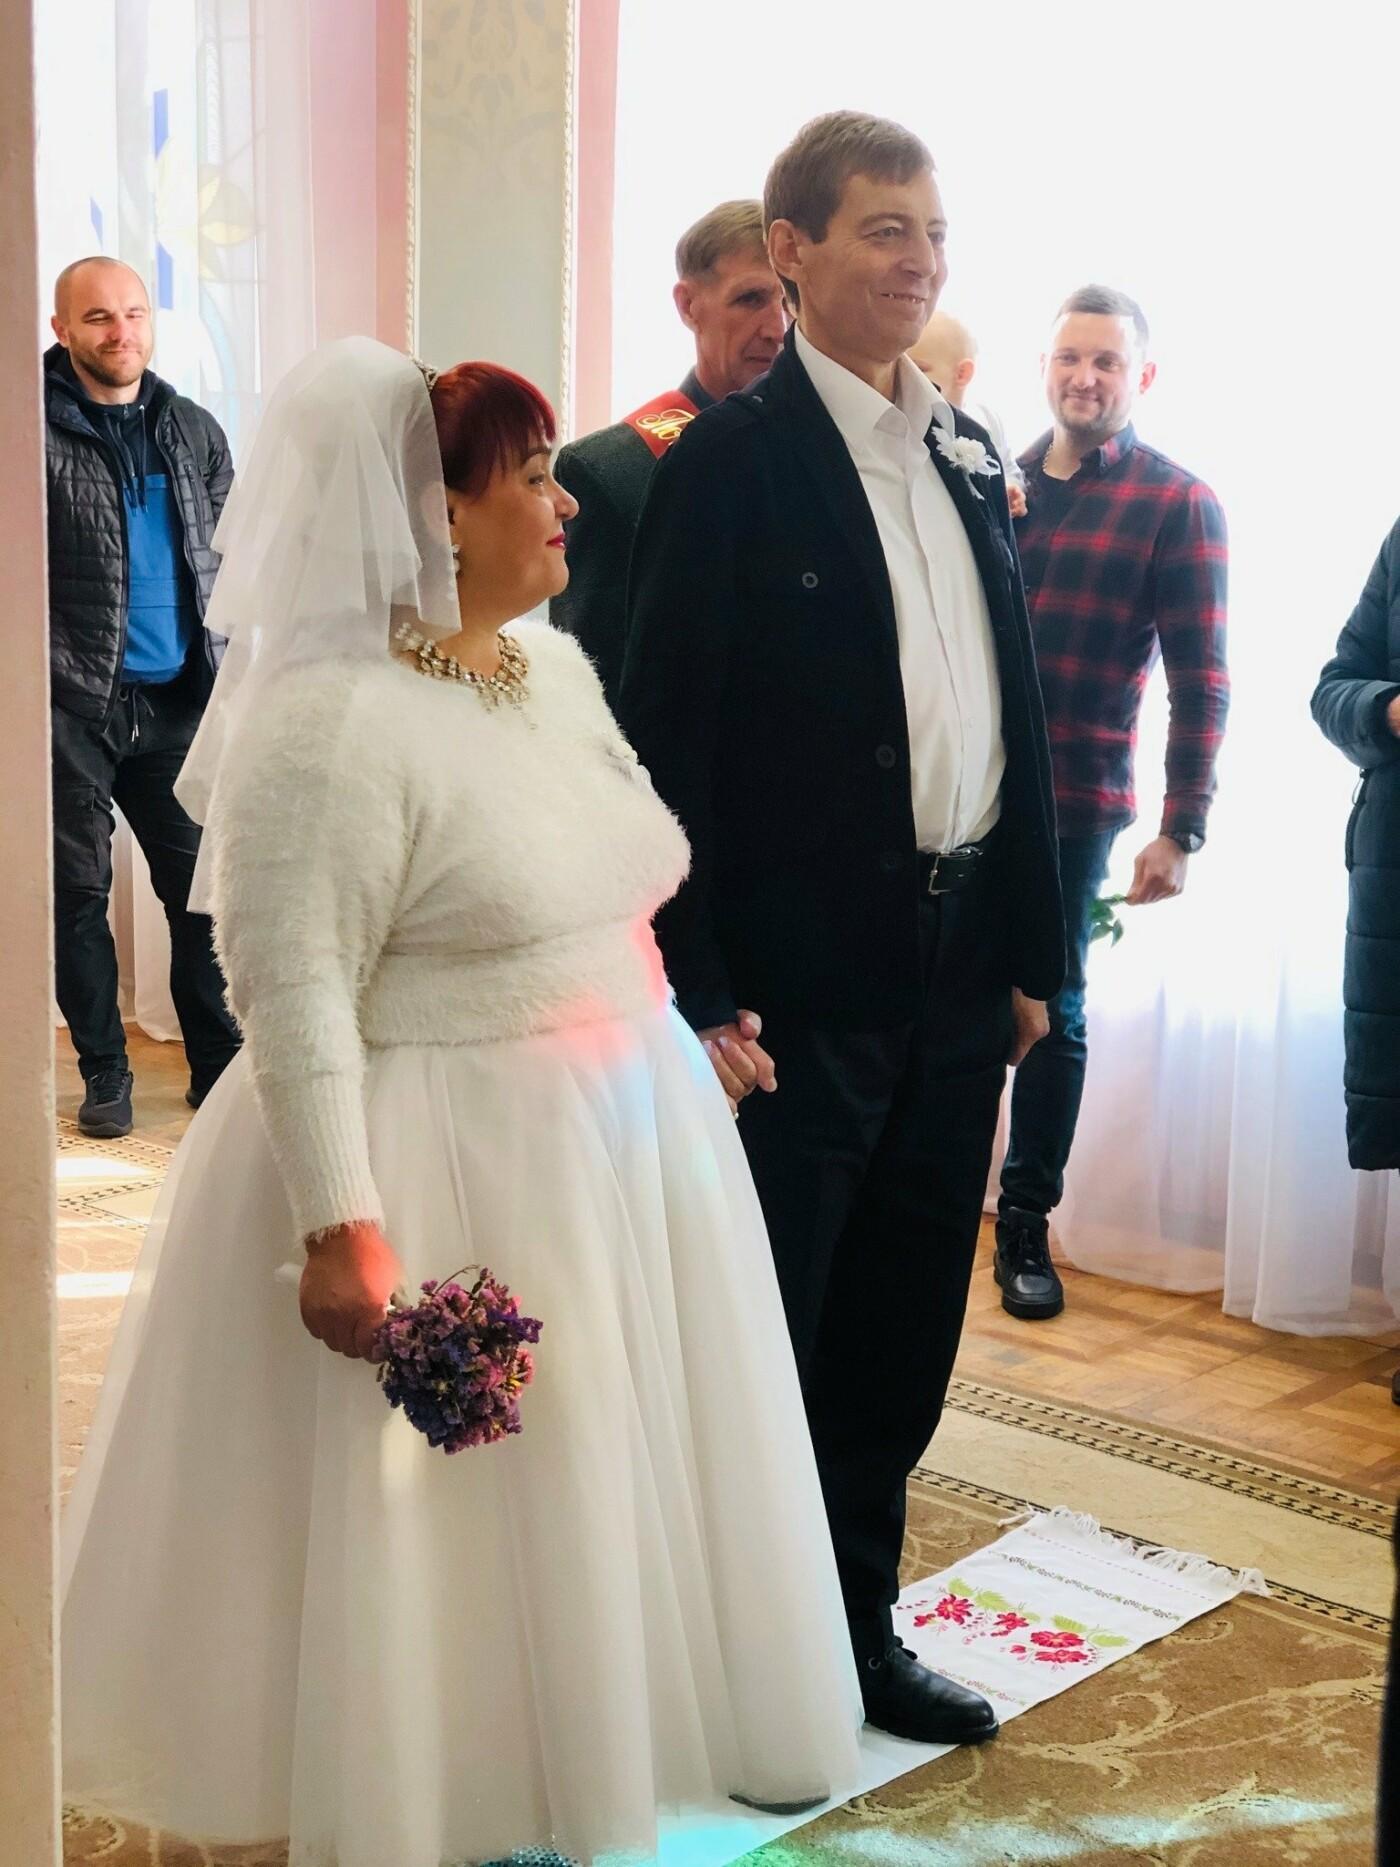 Невероятная love story в Кривом Роге: влюбленные, которых в юности пытались разлучить, сыграли свадьбу 40 лет спустя, - ФОТО, фото-3